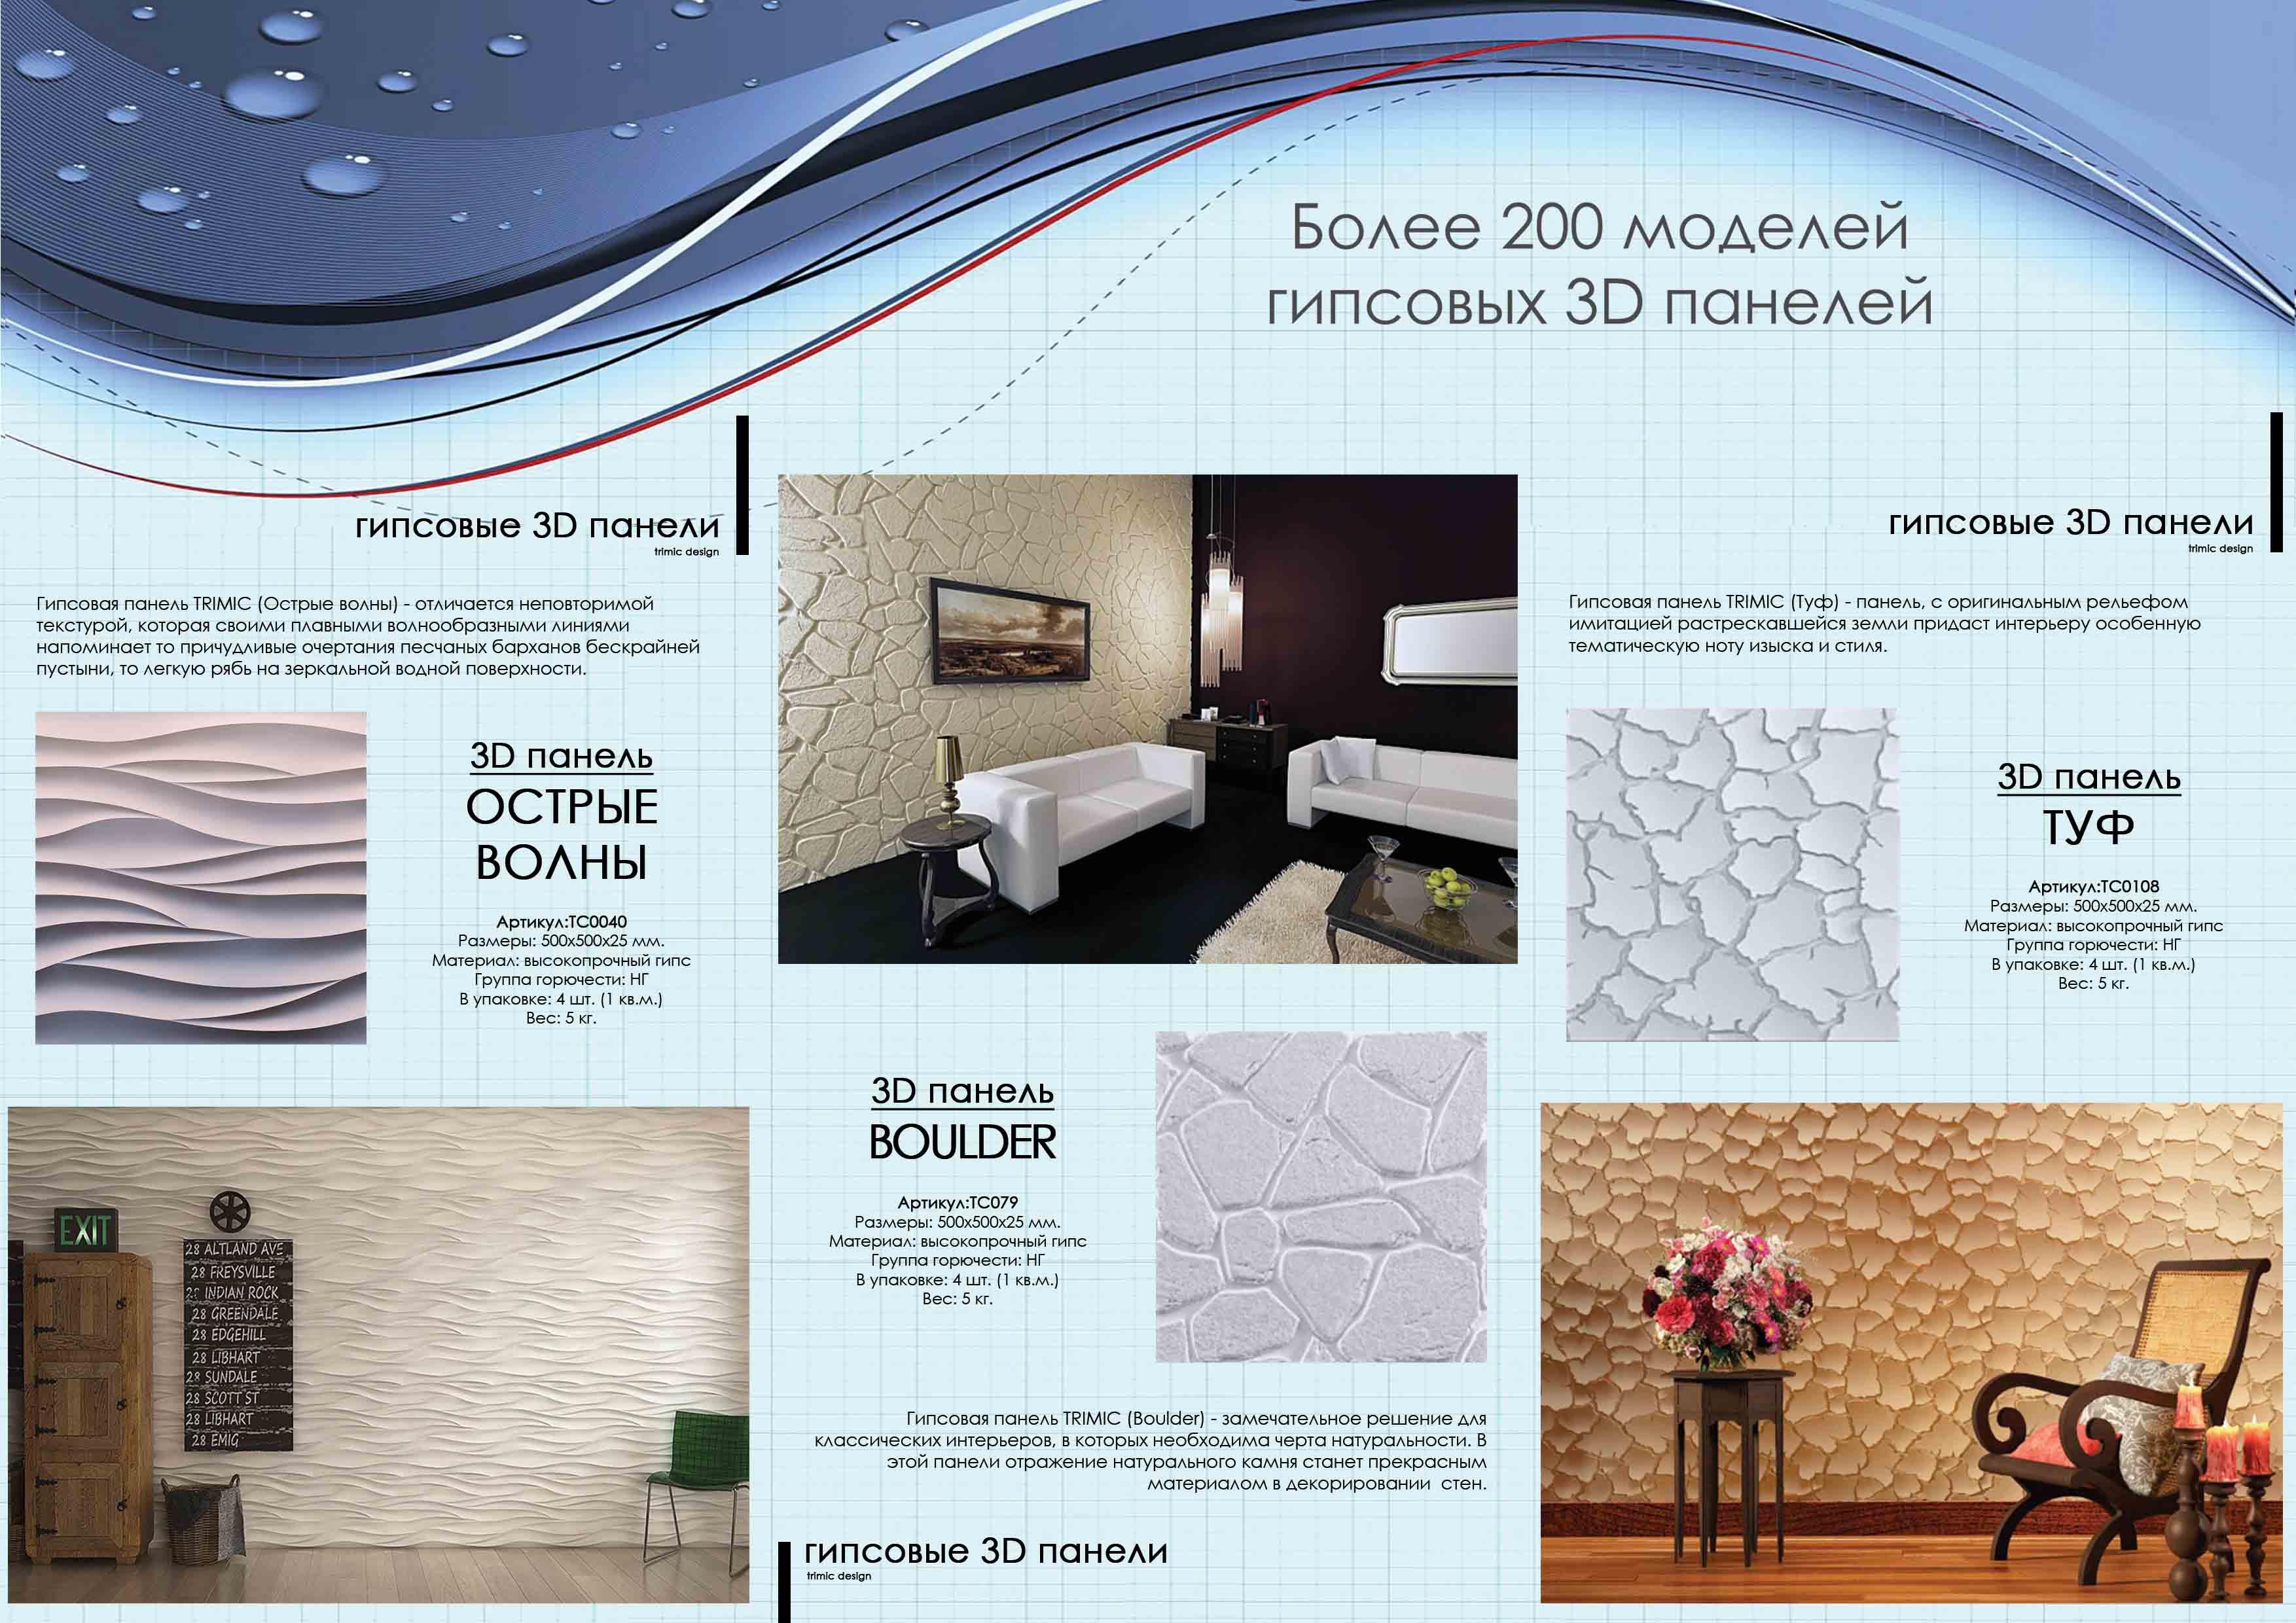 Готовый бизнес по производству 3D панелей.